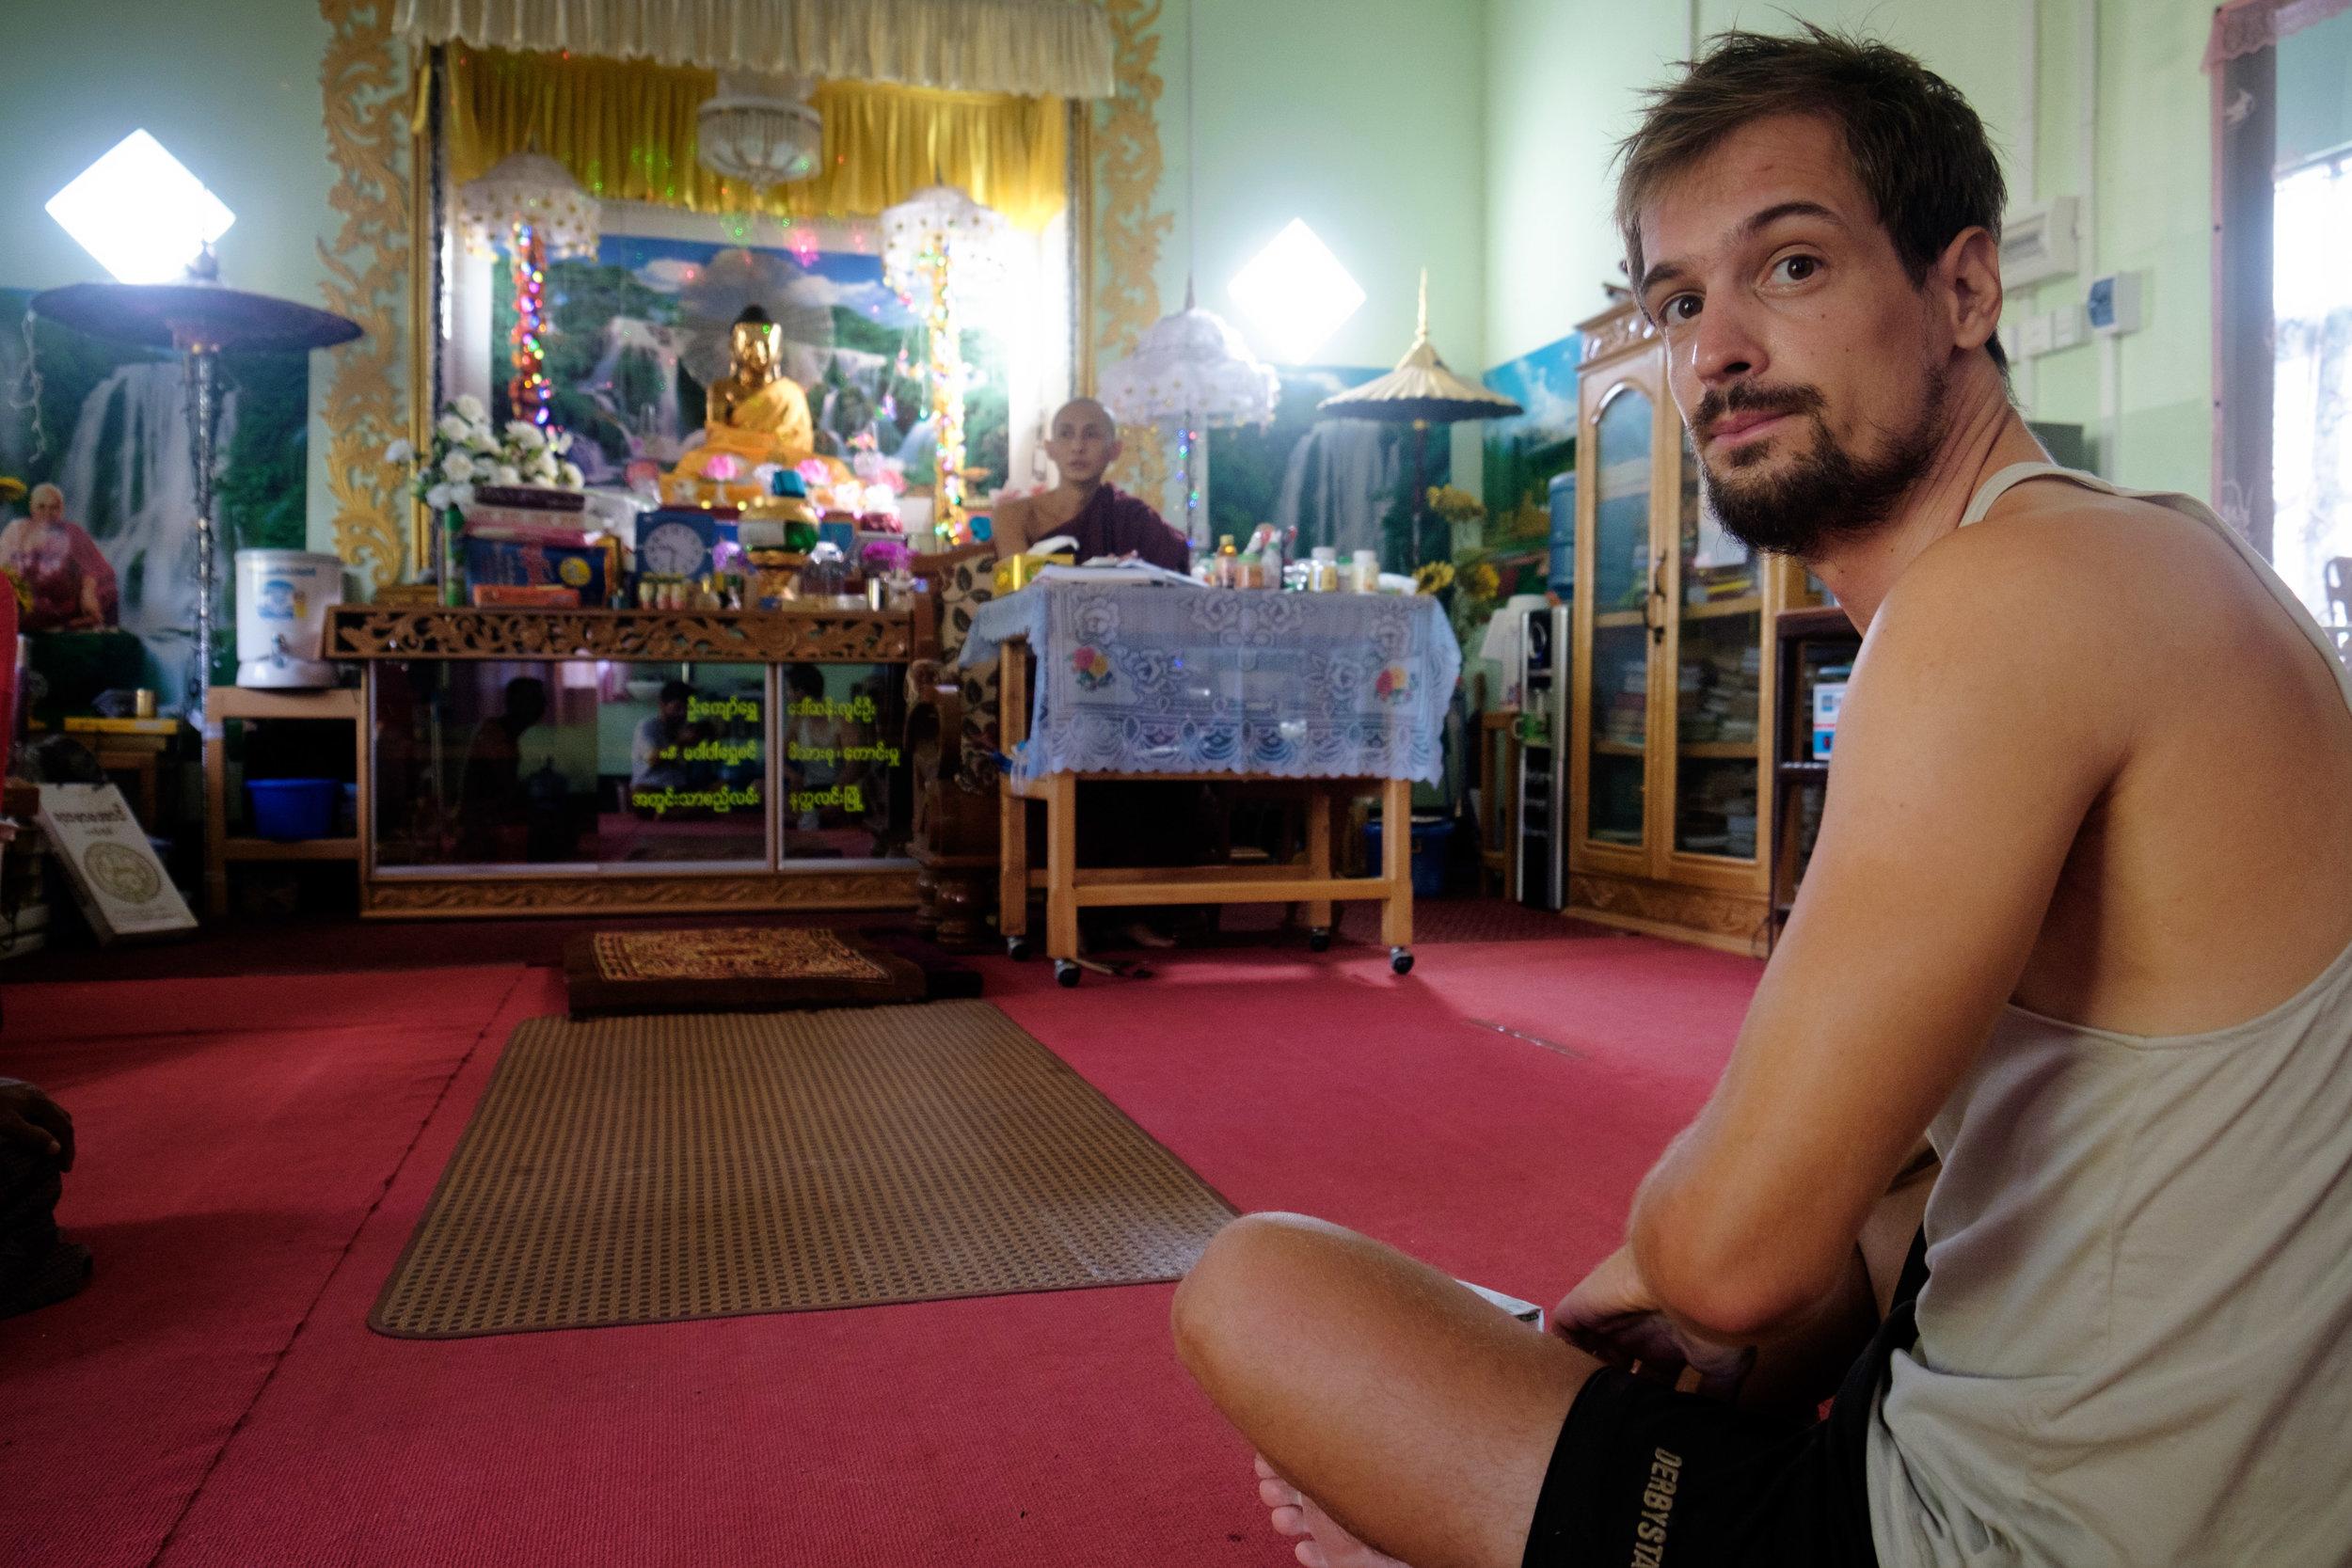 Quel bonheur de revoir mon chum Fred. Il est ici photographié dans un monastère.